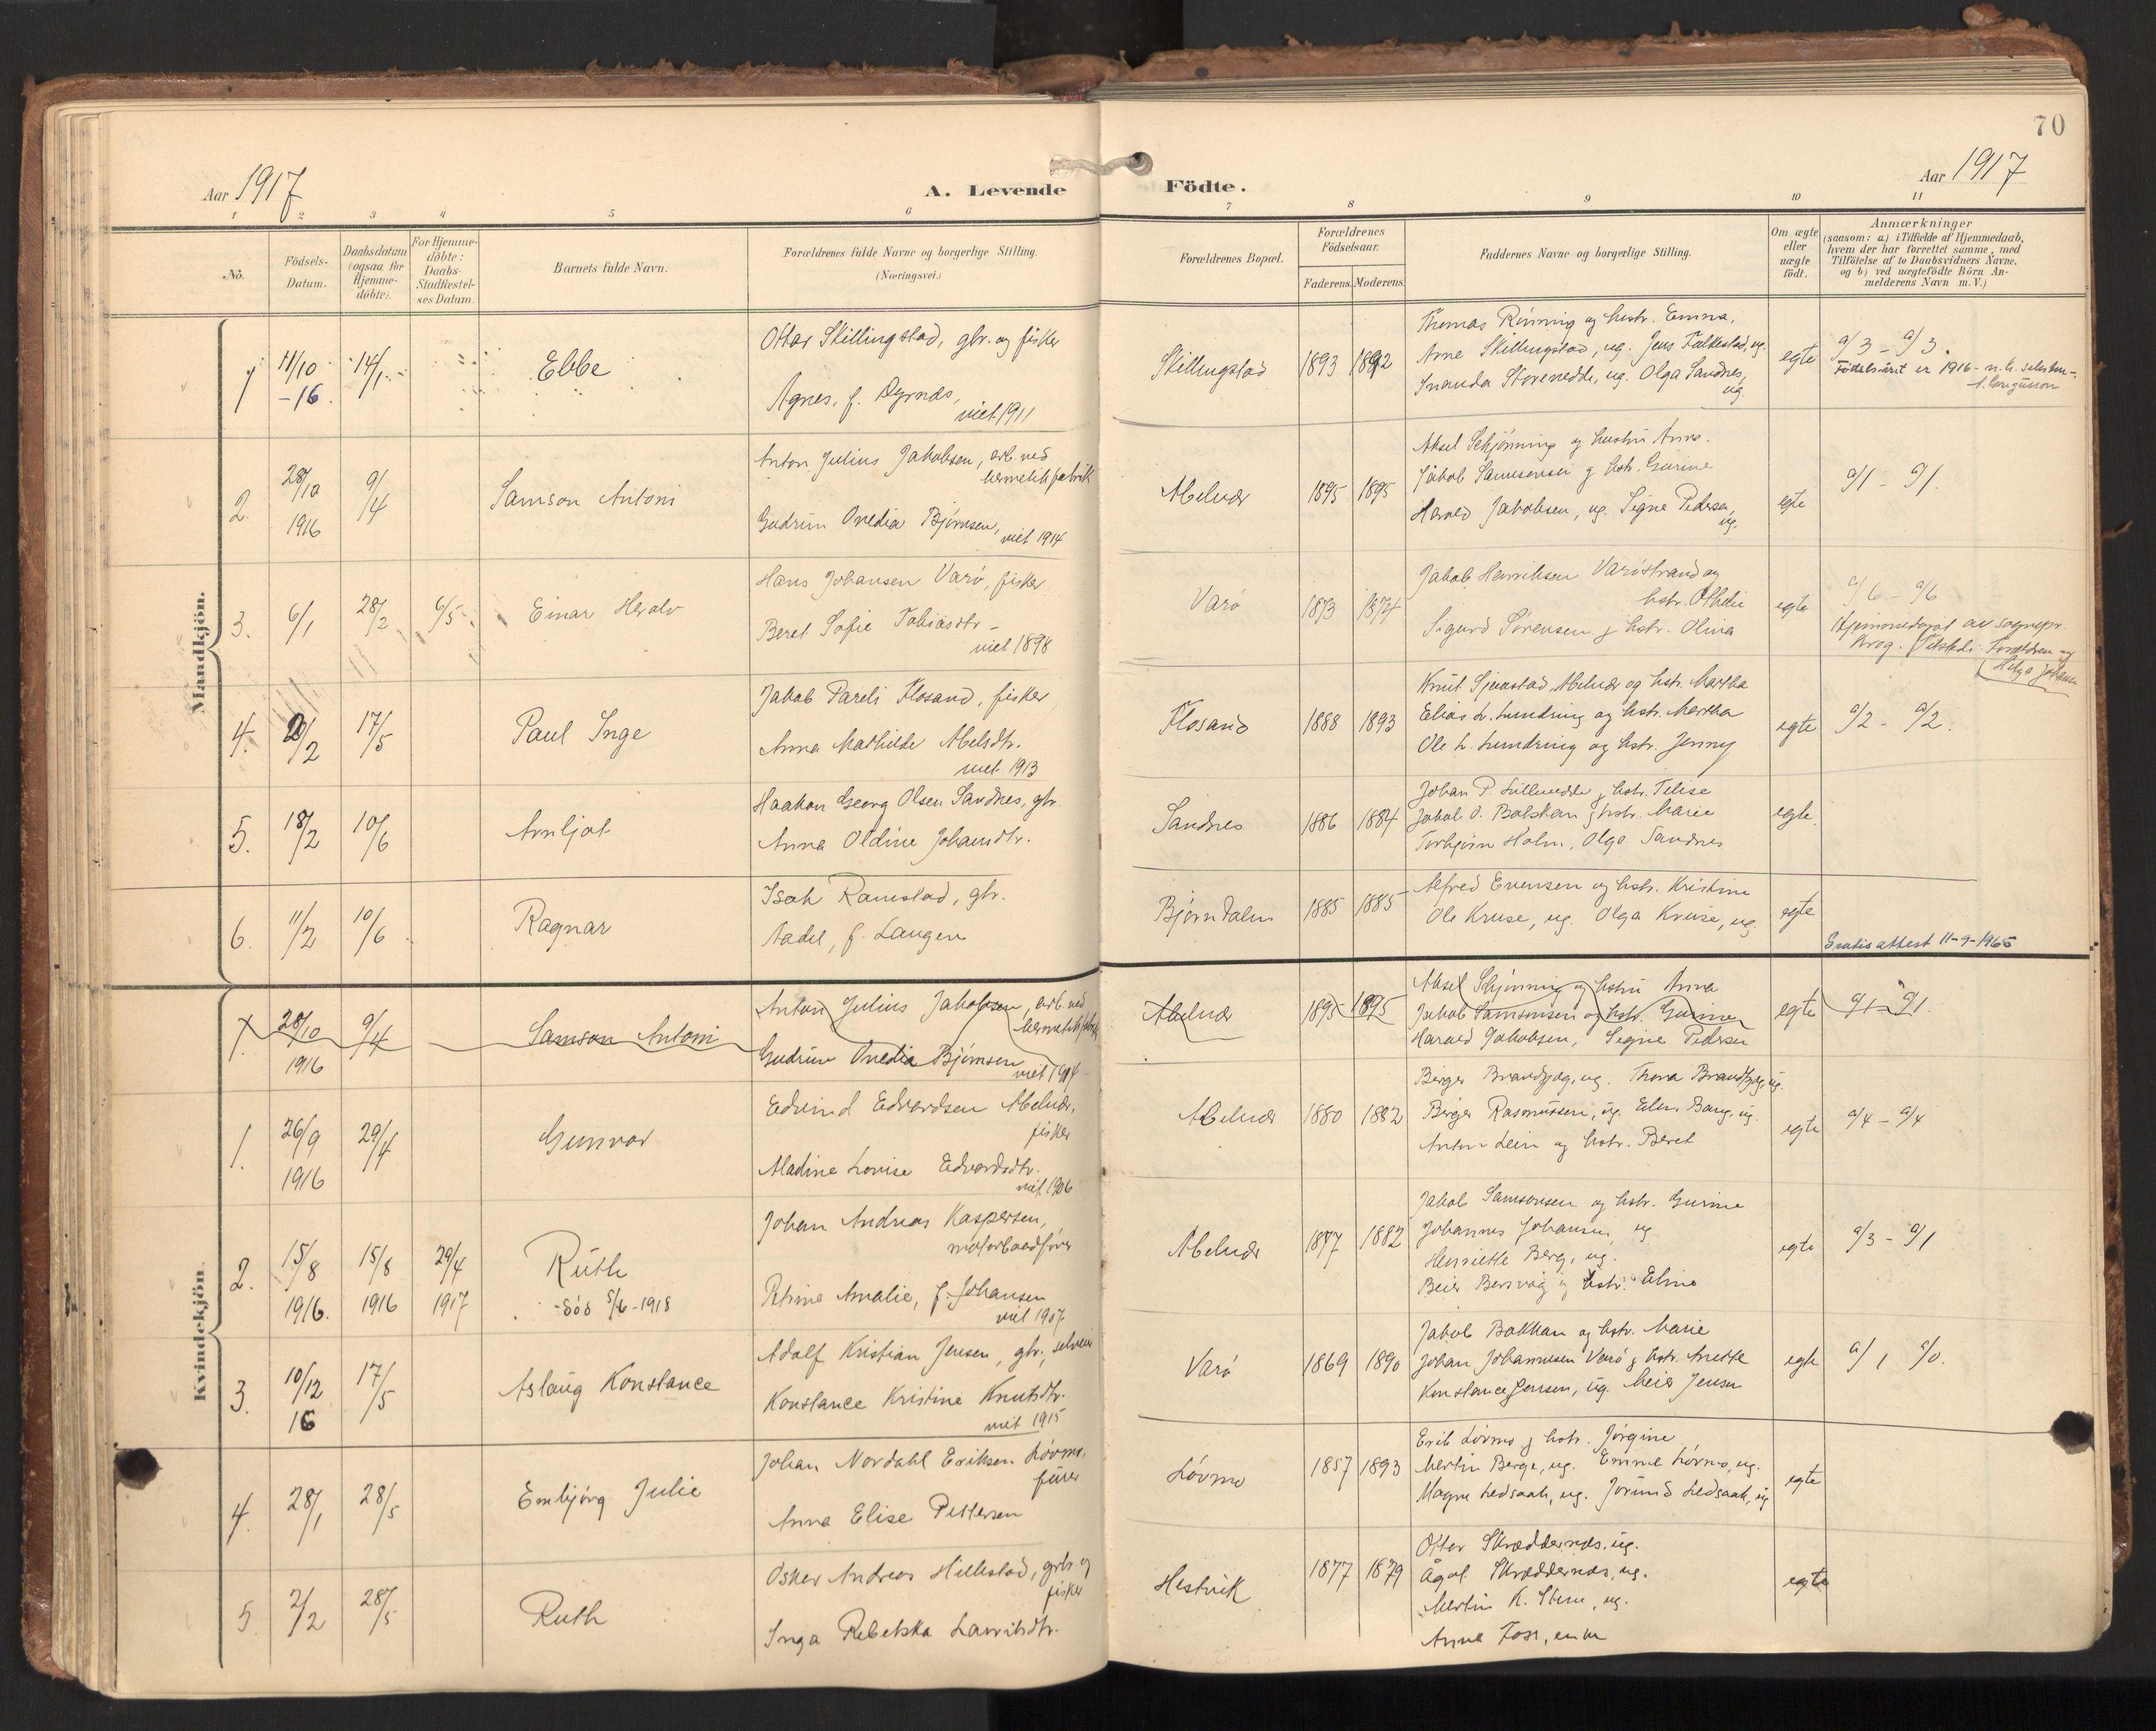 SAT, Ministerialprotokoller, klokkerbøker og fødselsregistre - Nord-Trøndelag, 784/L0677: Ministerialbok nr. 784A12, 1900-1920, s. 70